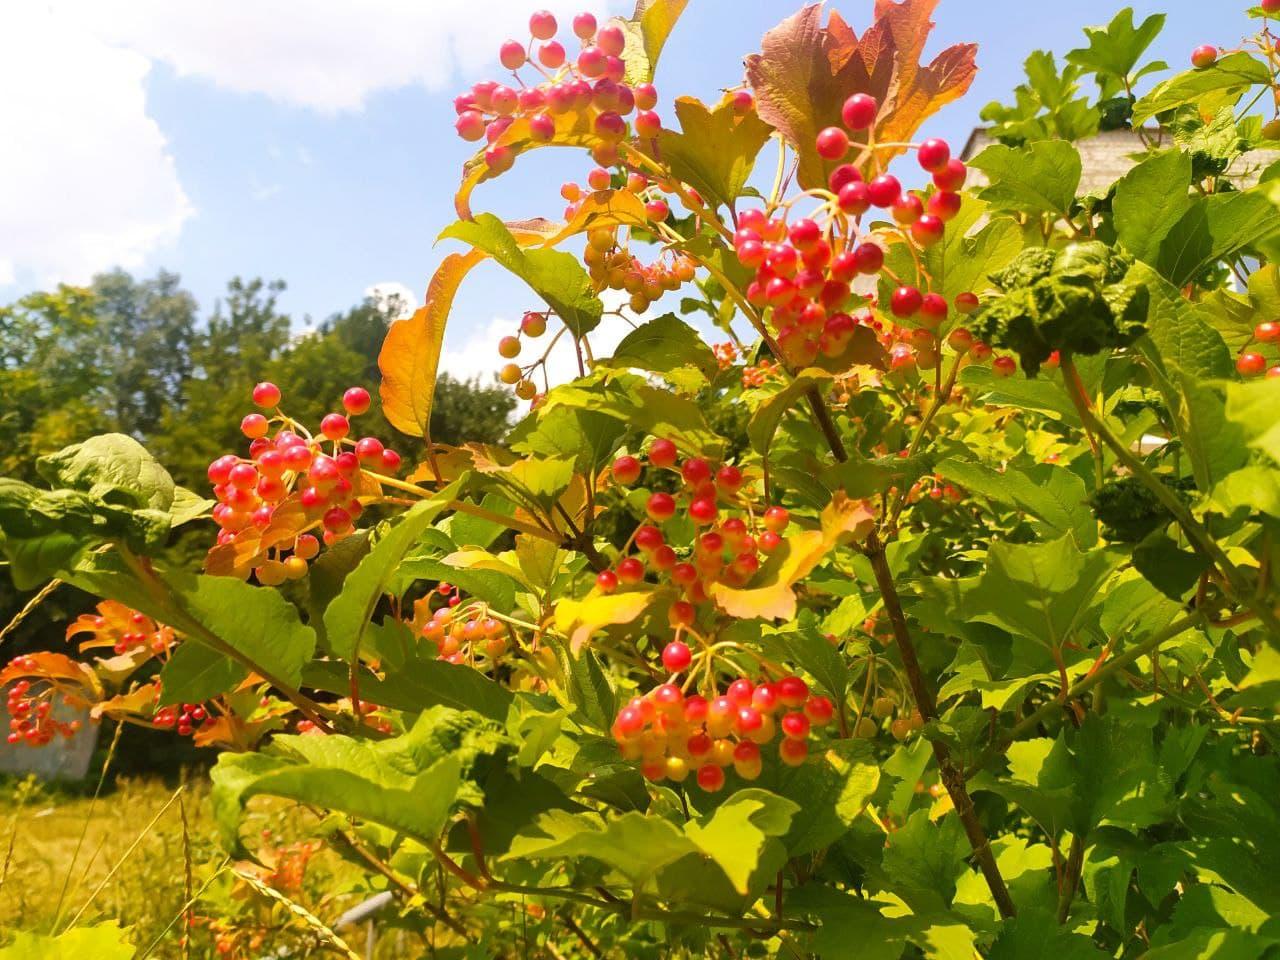 Кропивницький тішить око сонцем та квітами (ФОТО)